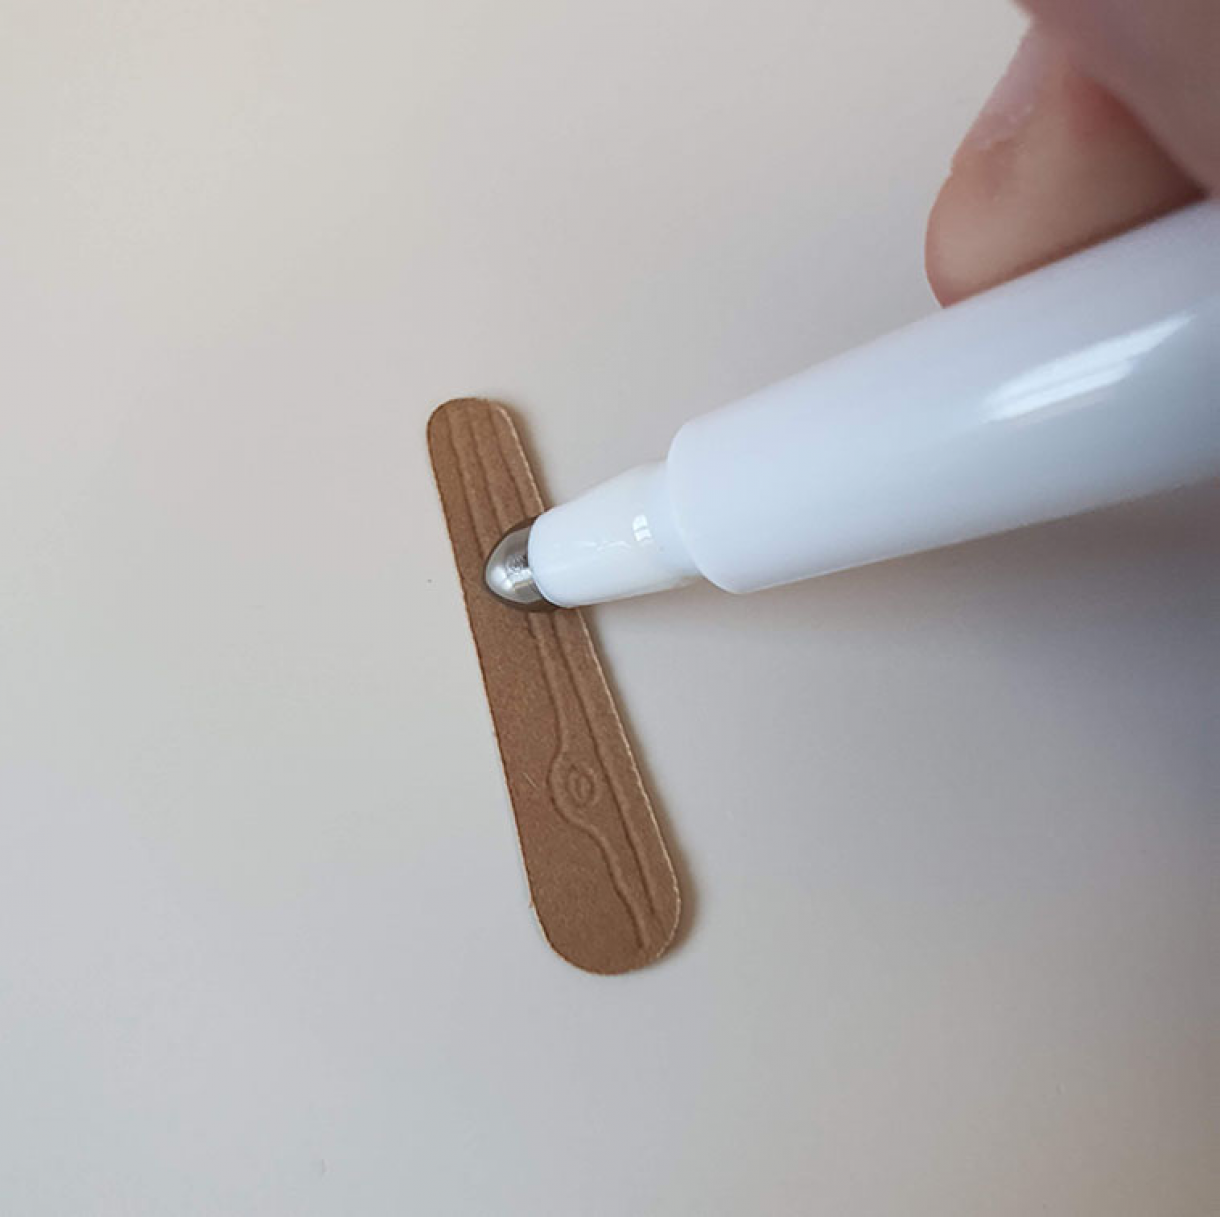 BFN - Score a wood grain effect